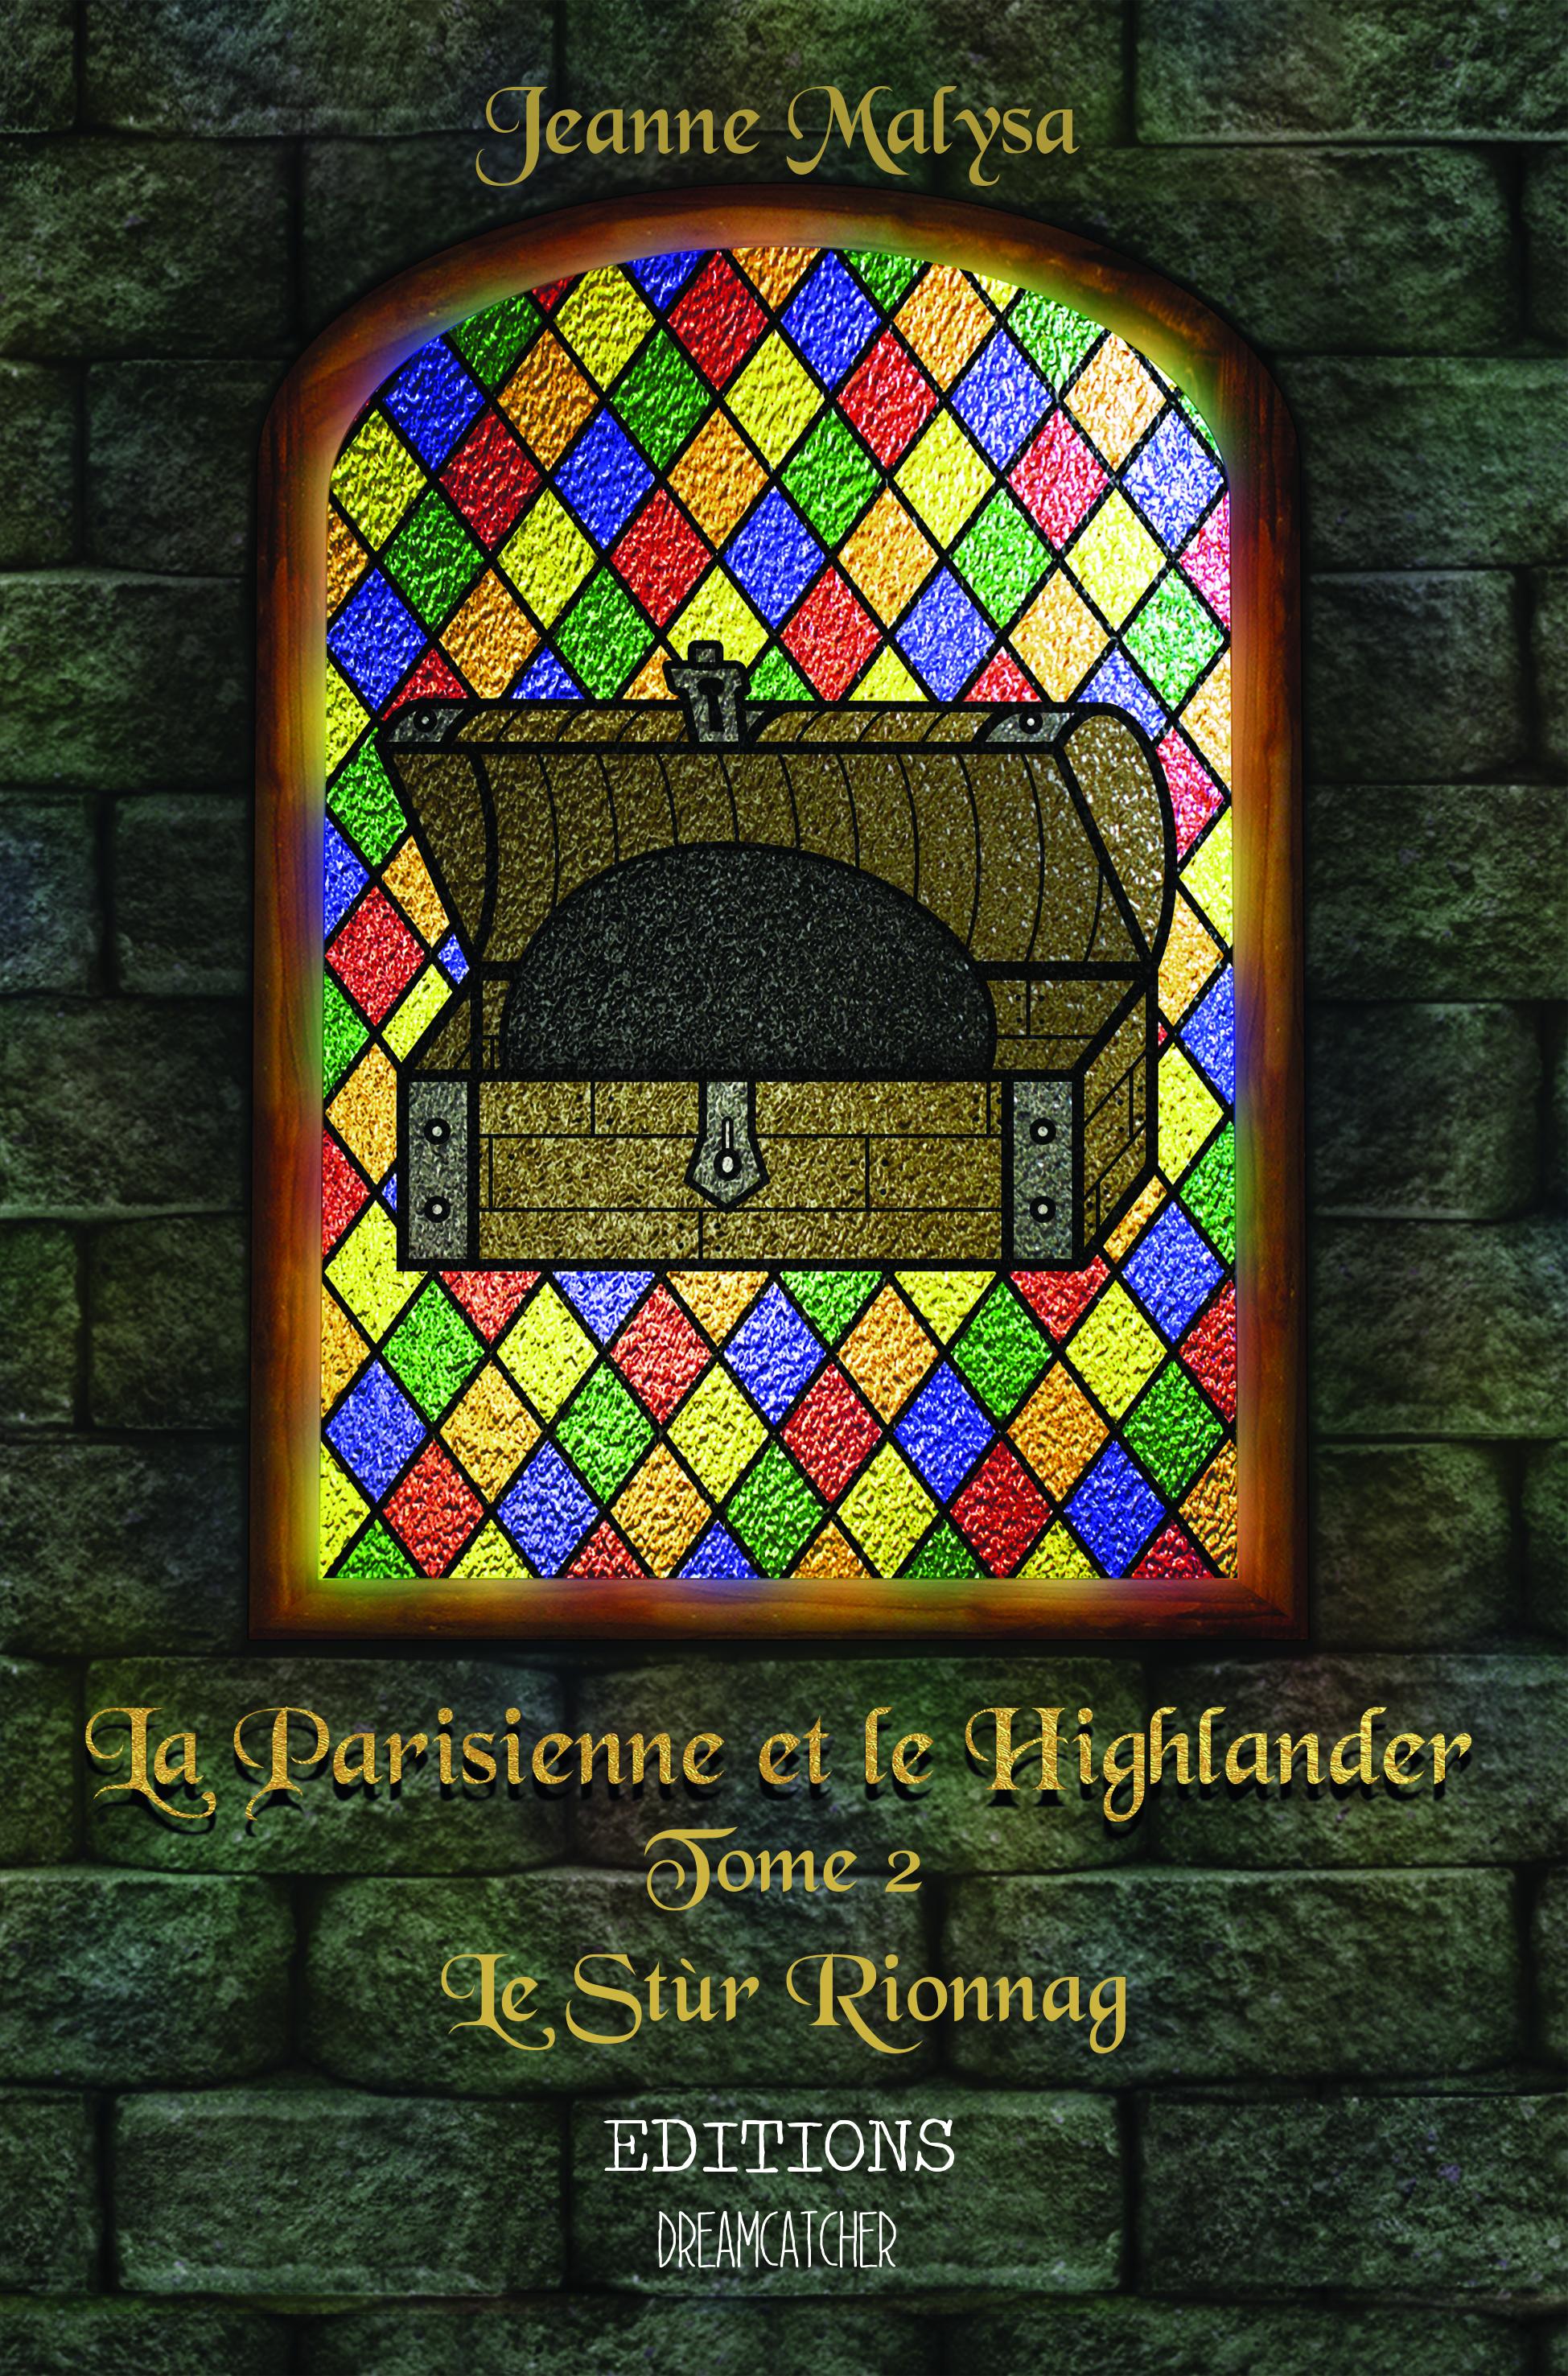 La Parisienne et le Highlander, TOME 2: LE STÙR RIONNAG